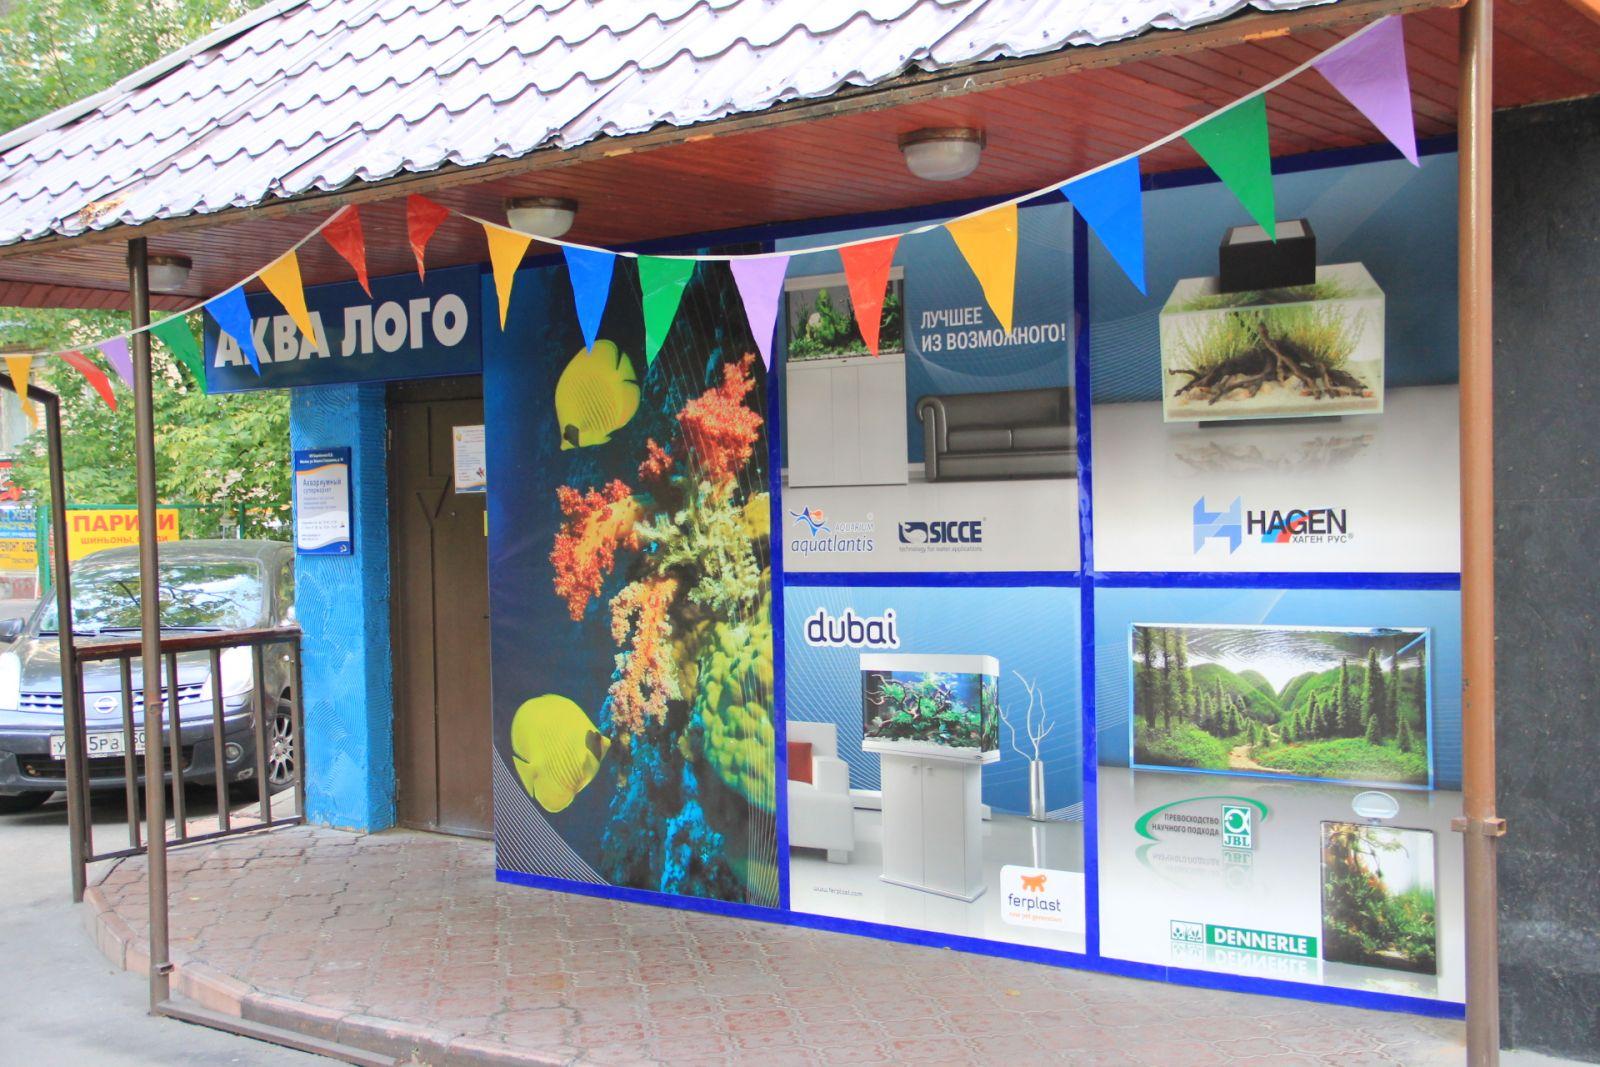 Аквариумный супермаркет Аква Лого на ВДНХ - добро пожаловать!